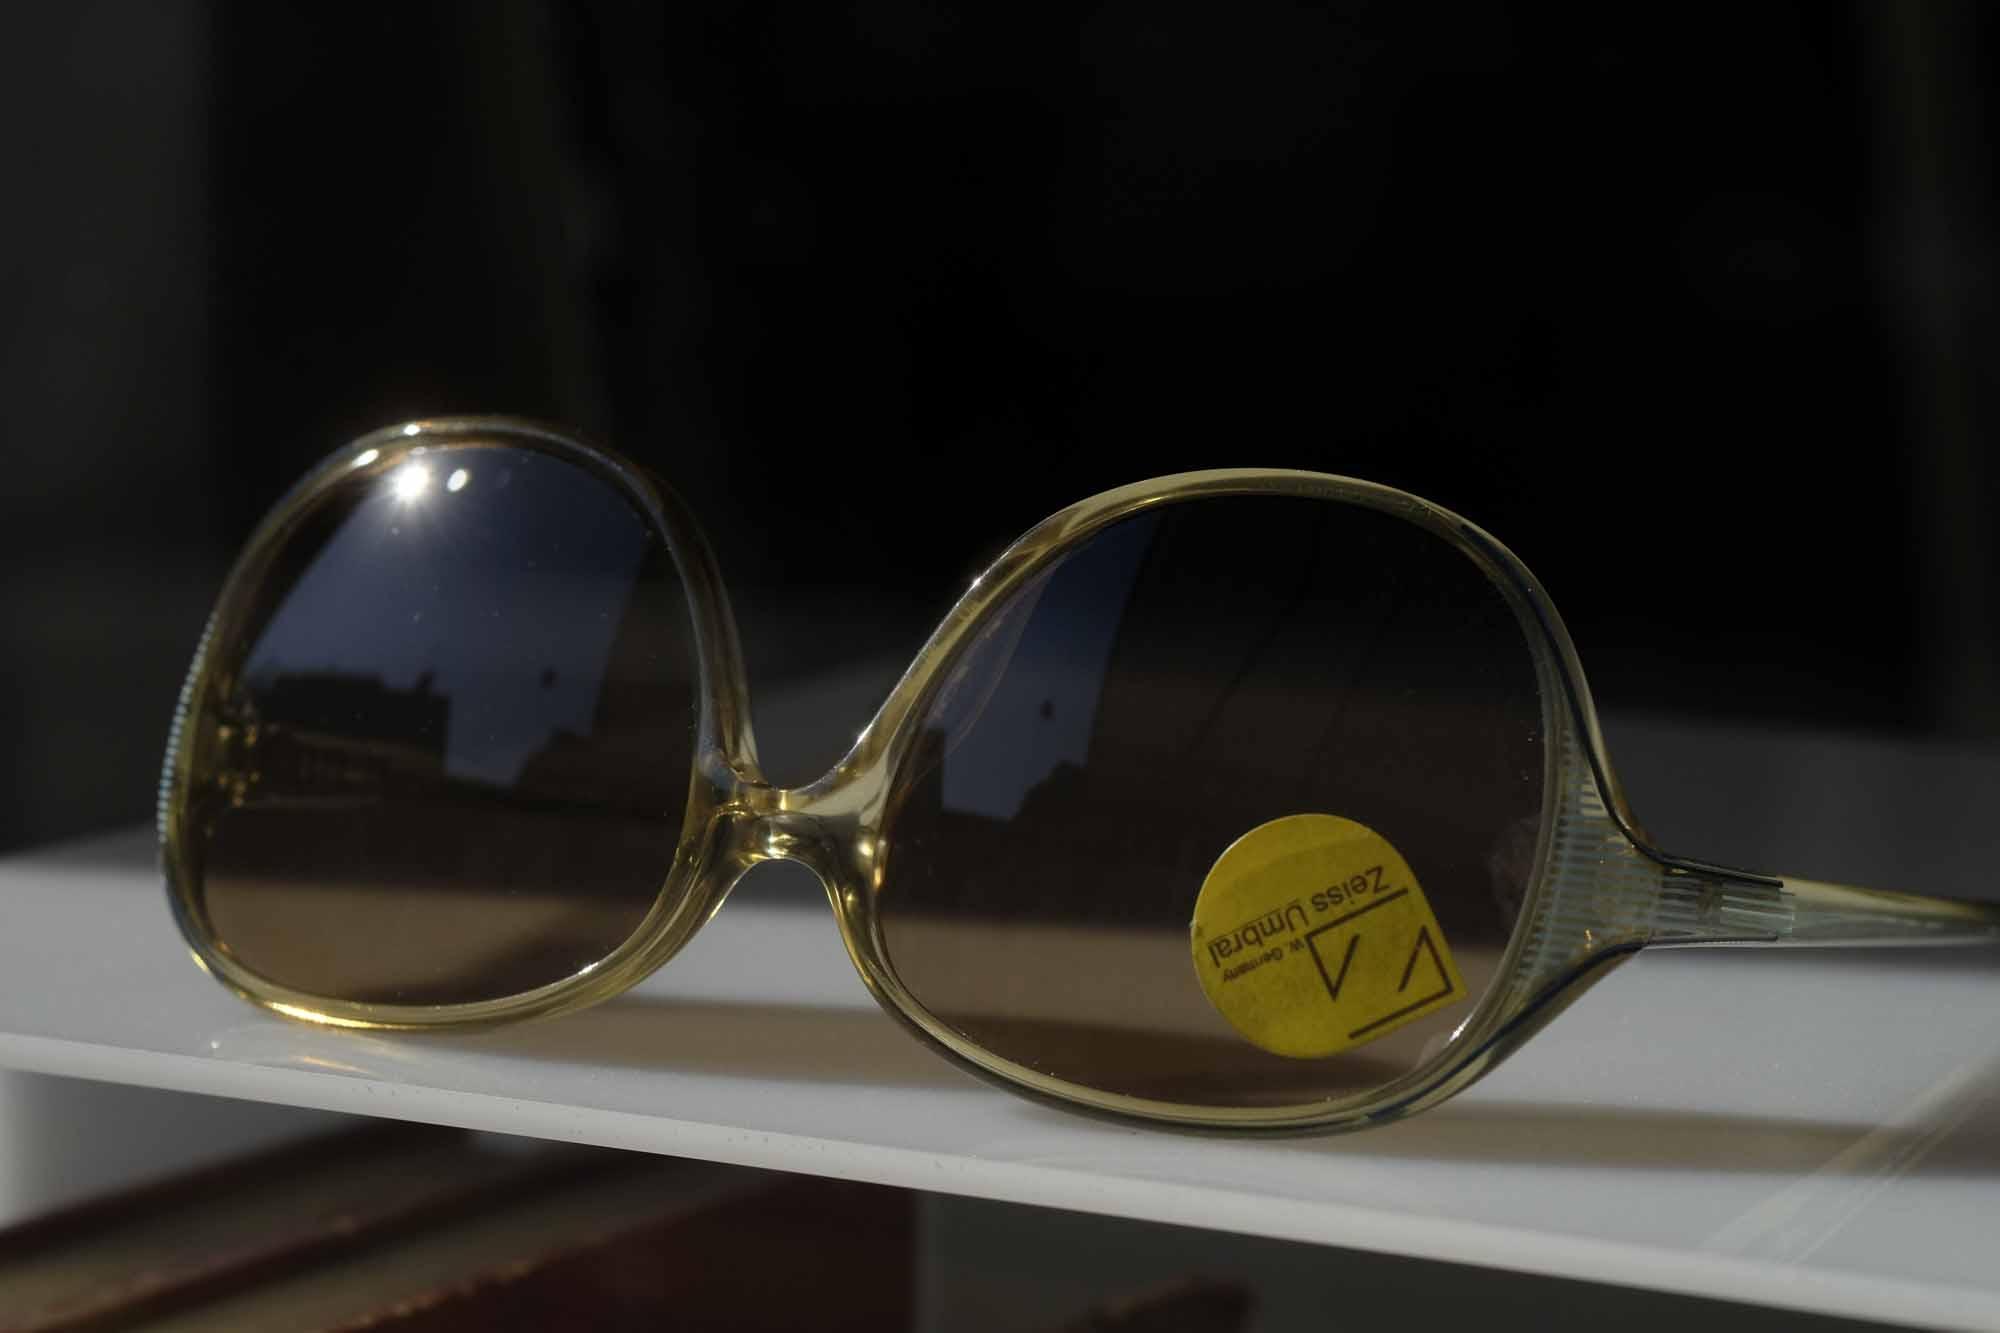 Schaufenster Nr. 043: Antik oder Vintage?